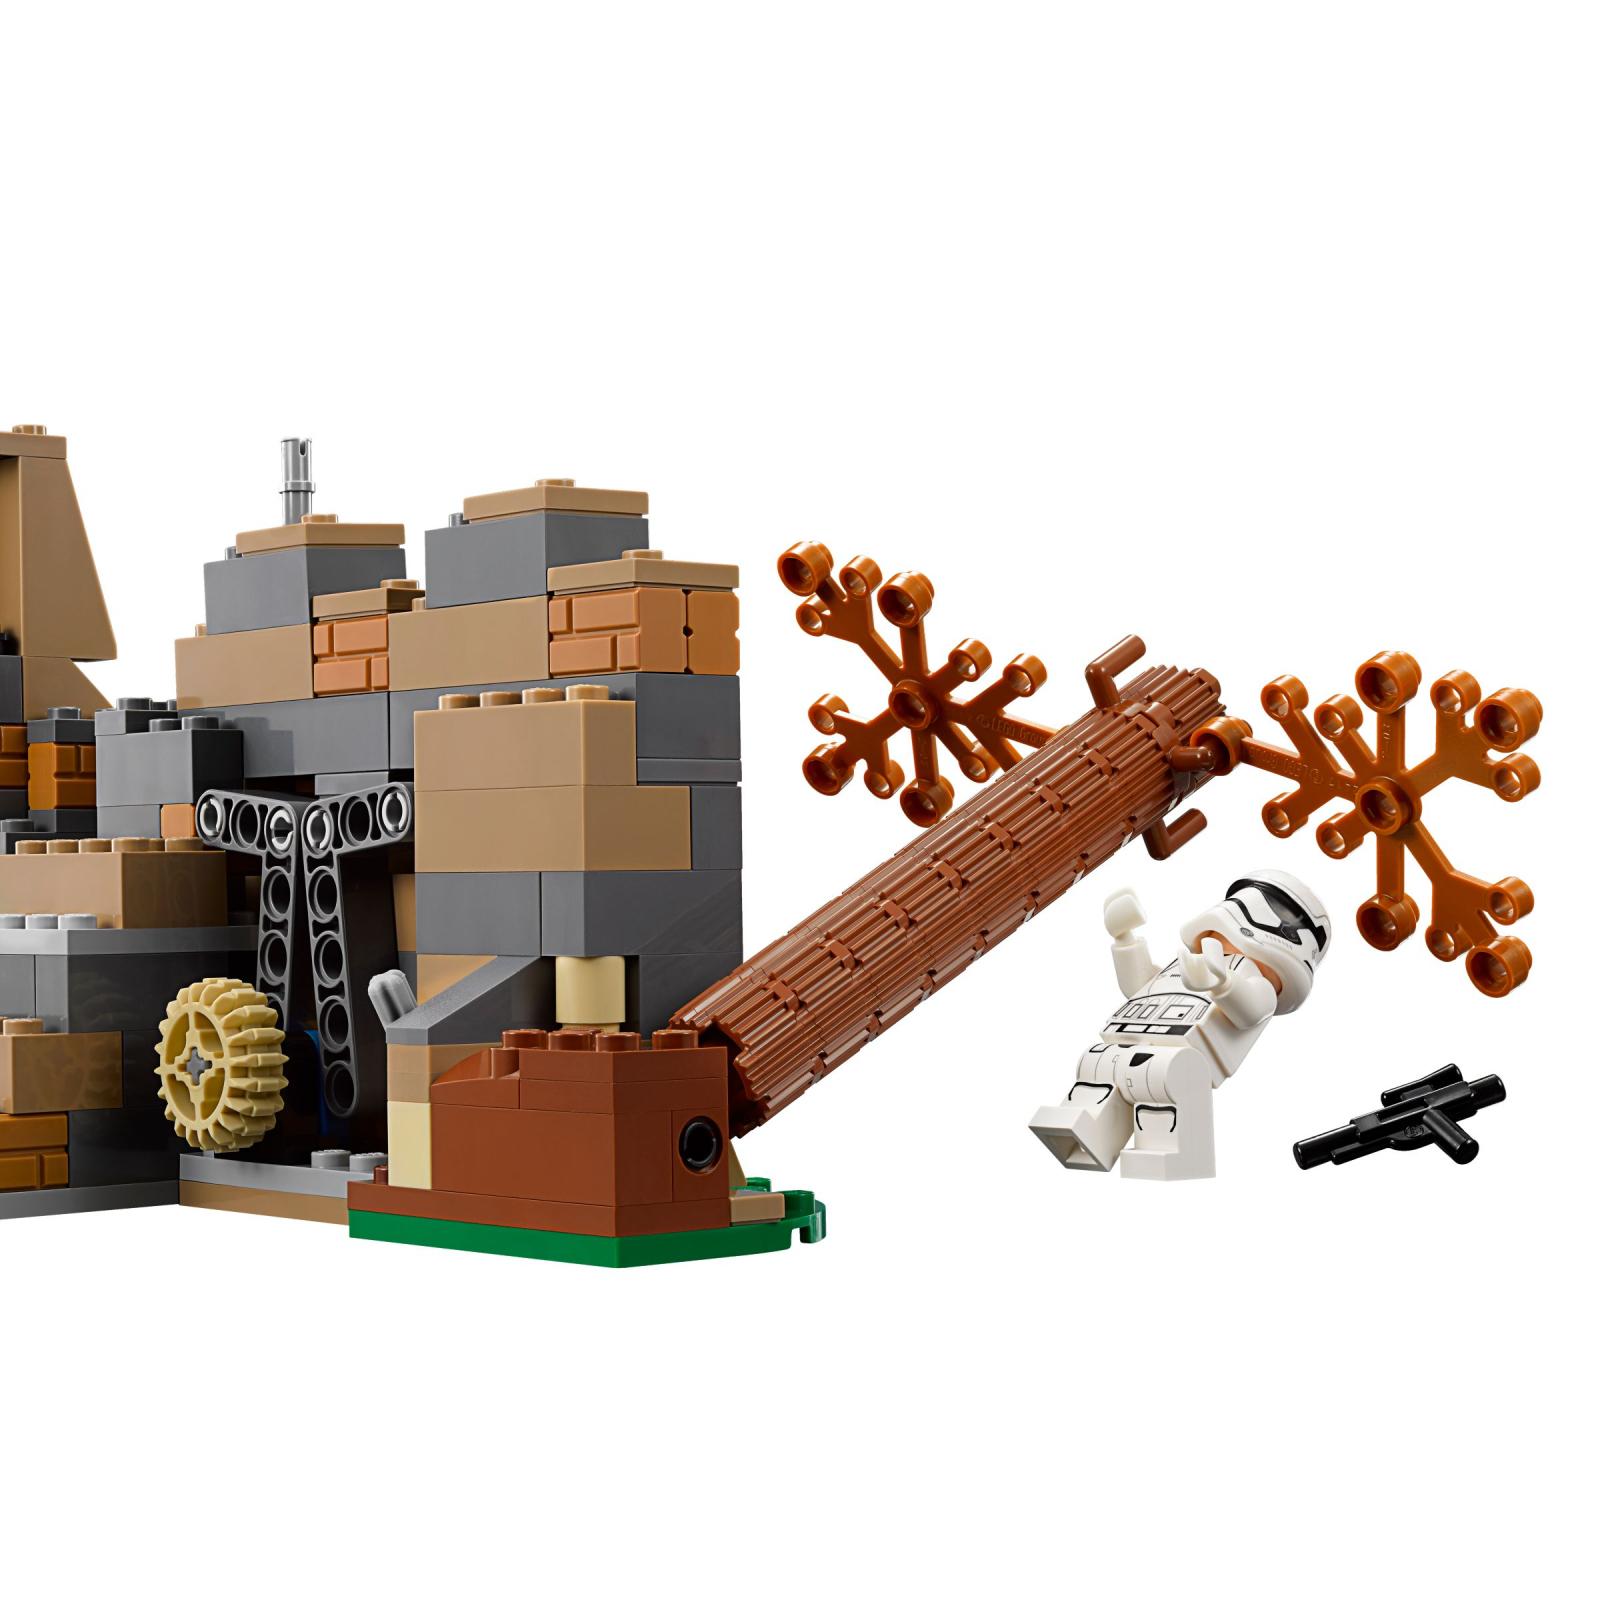 Конструктор LEGO Star Wars Битва на планете Такодана (75139) изображение 5